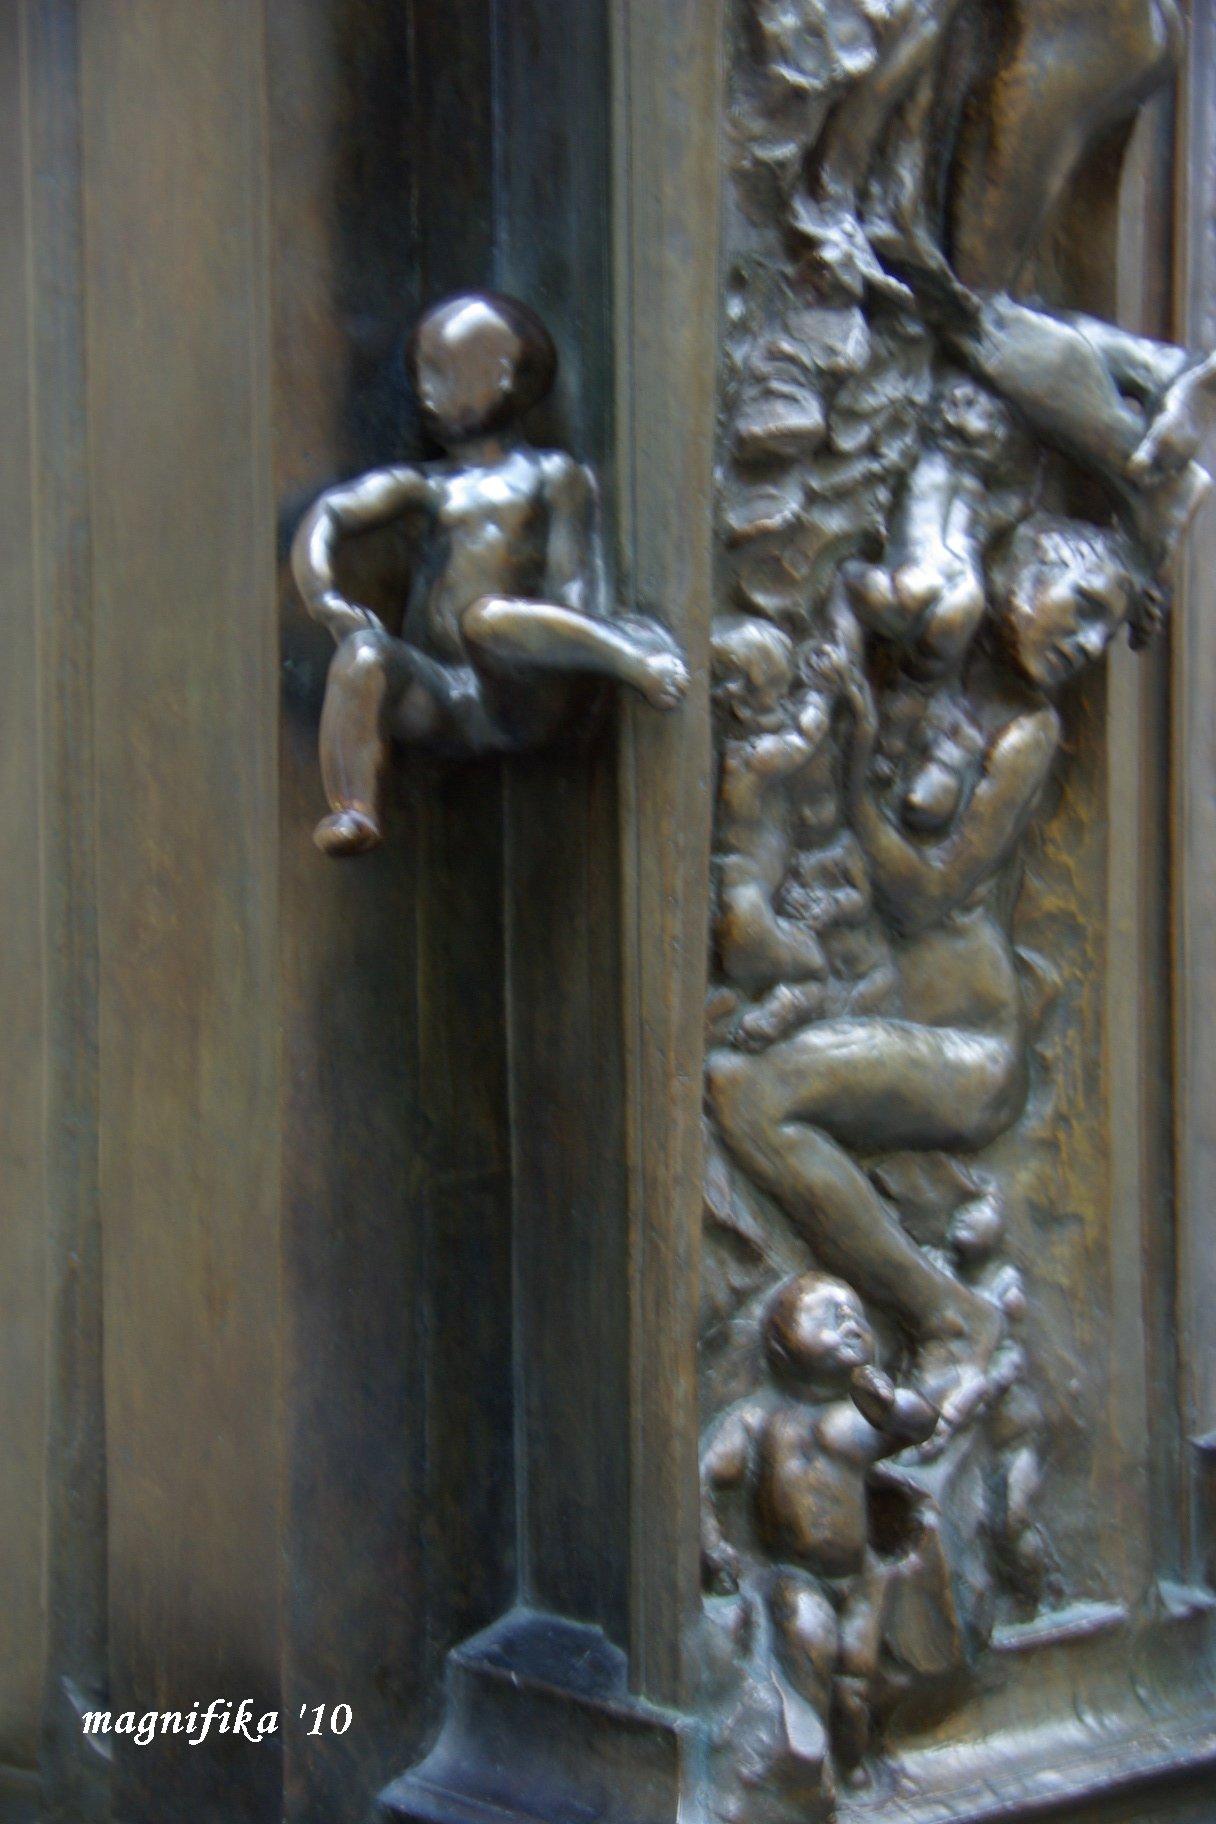 静岡県立美術館 ロダン館-2 Rodin Wing of Shizuoka Pref. Museum _e0140365_21475612.jpg